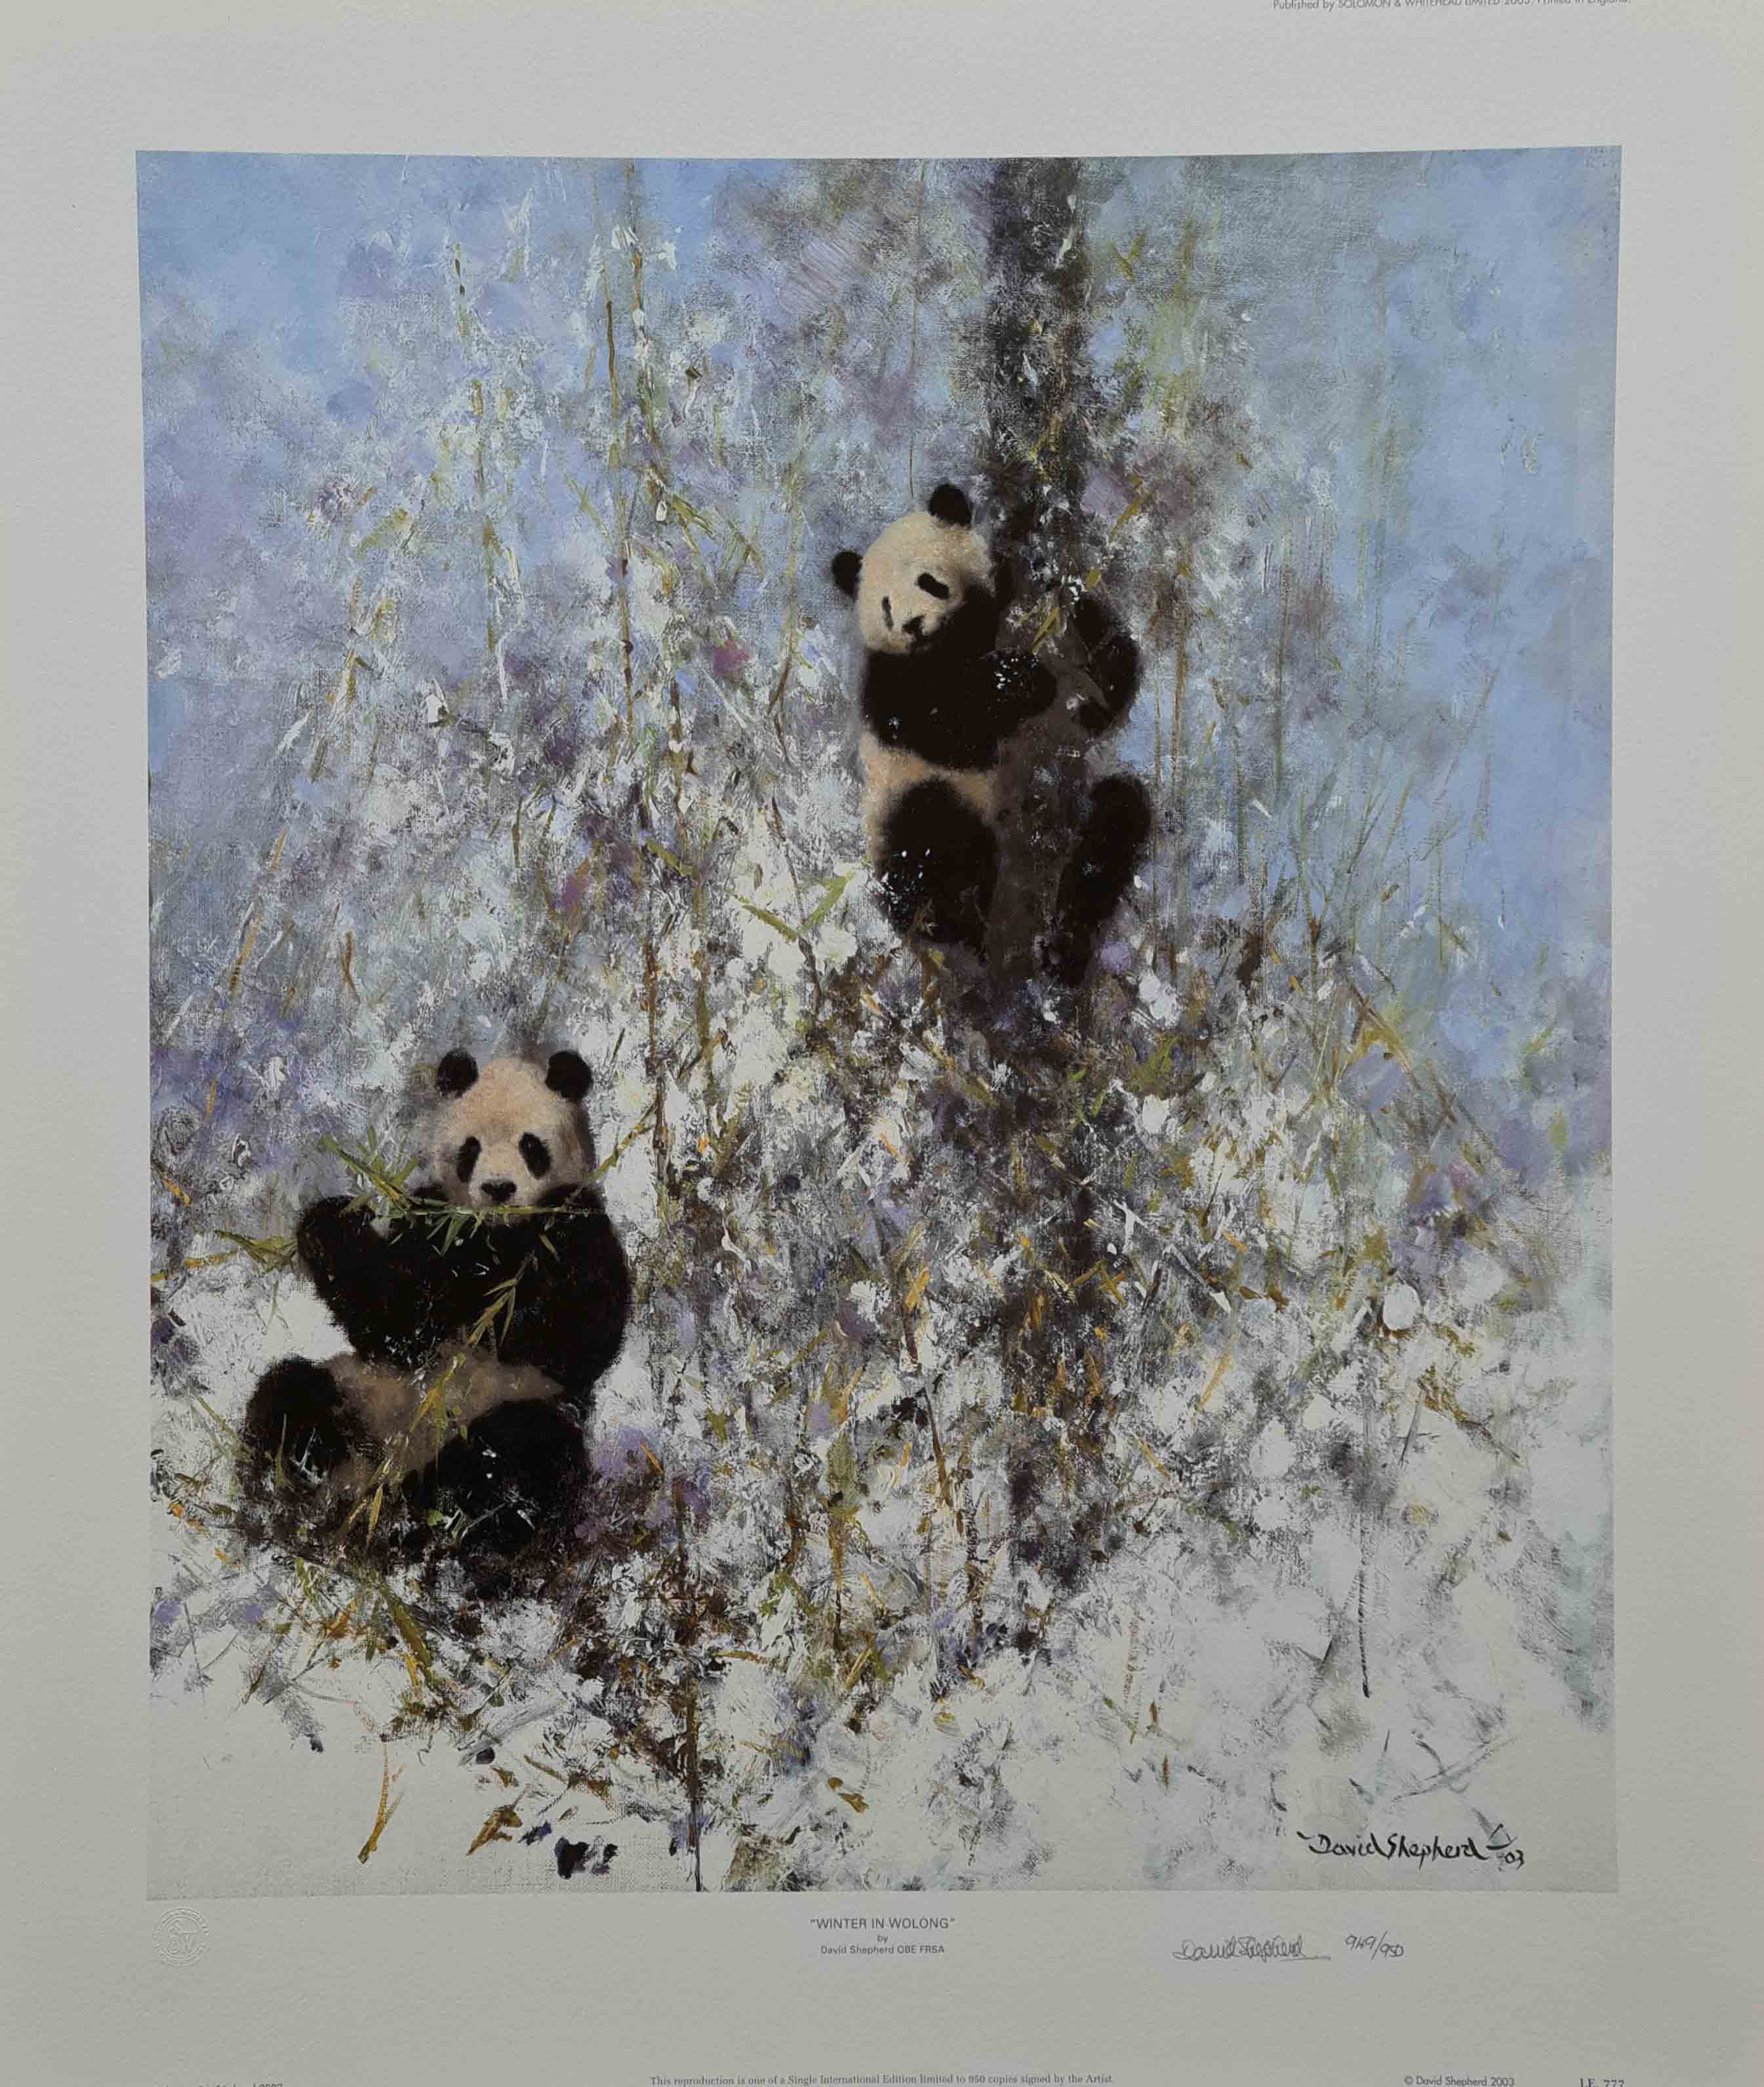 david shepherd winter in wolong